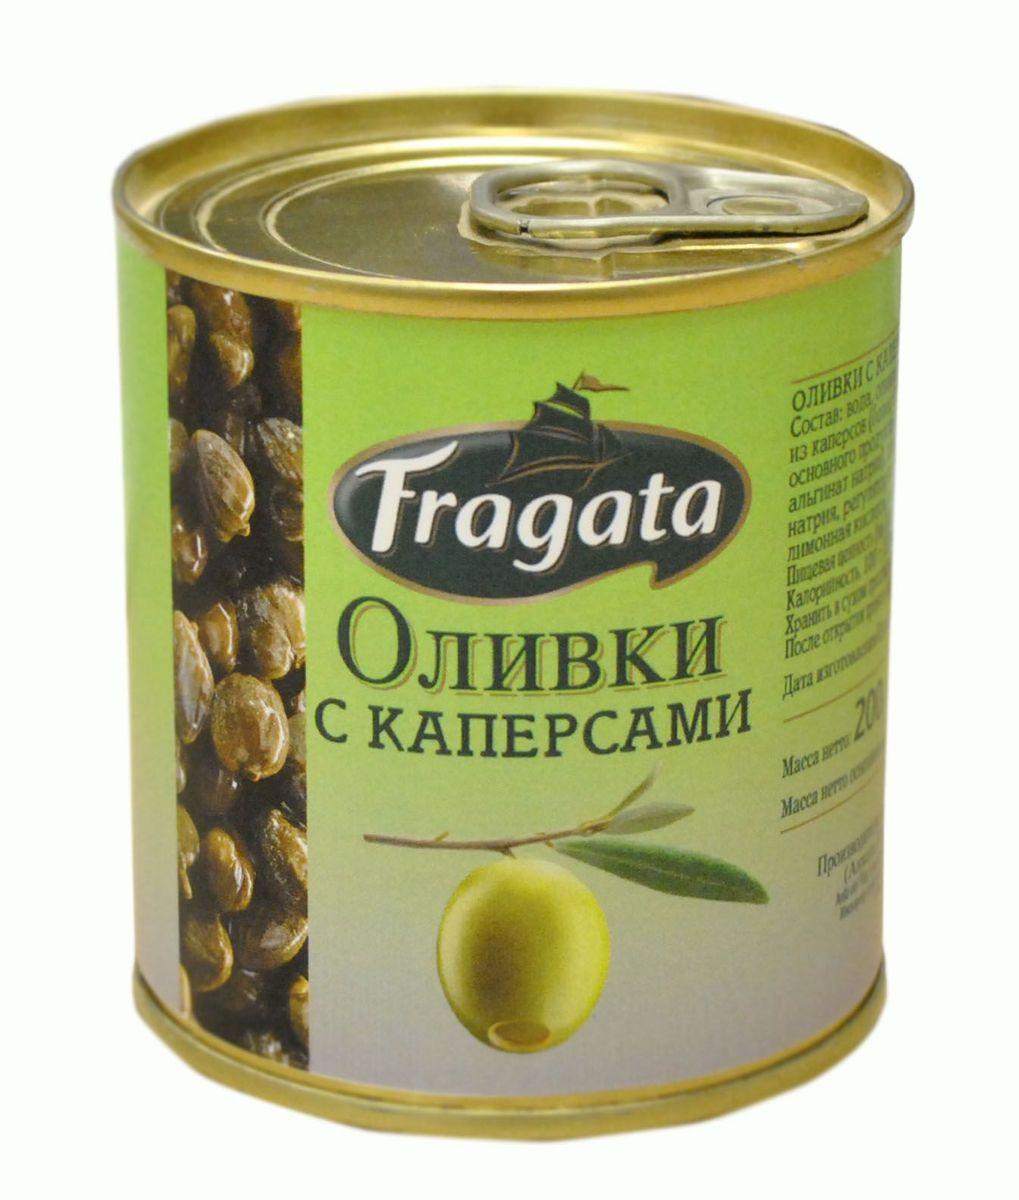 Fragata оливки с каперсами, 200 г оливки чёрные pikarome с косточкой в рассоле 3 2 кг